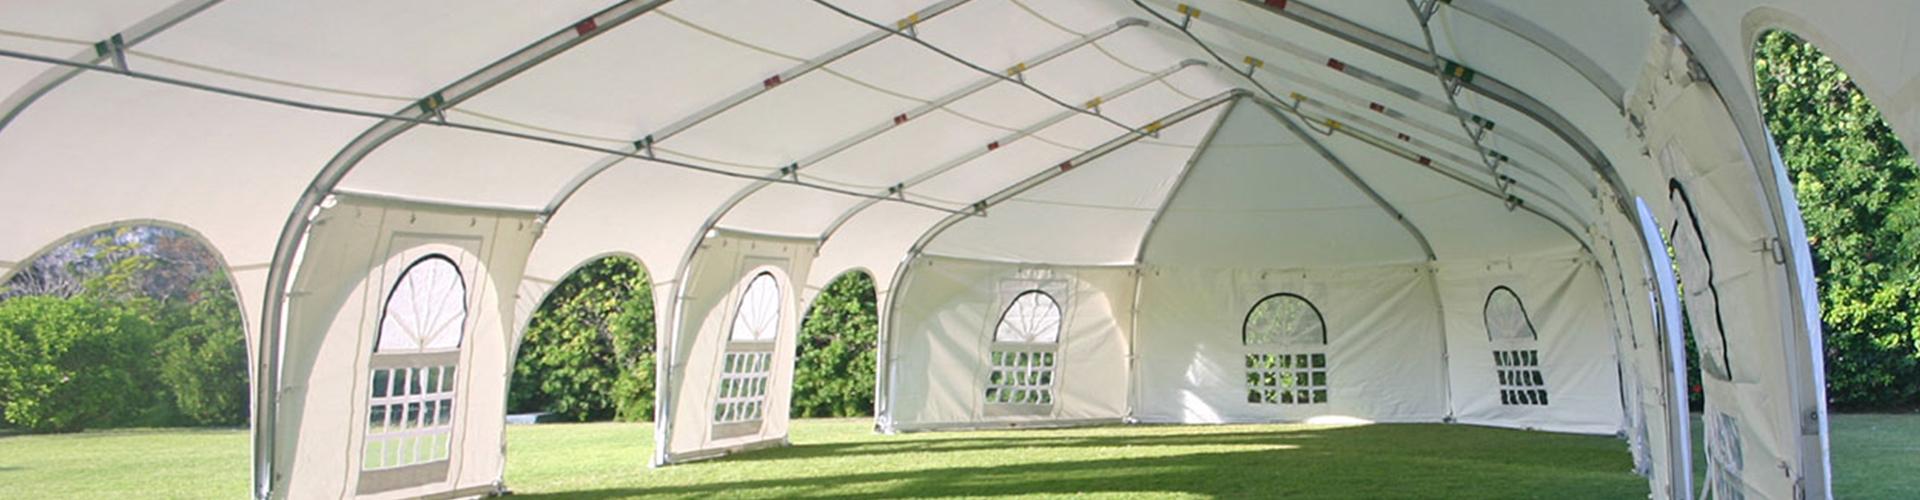 04 Rental Tents